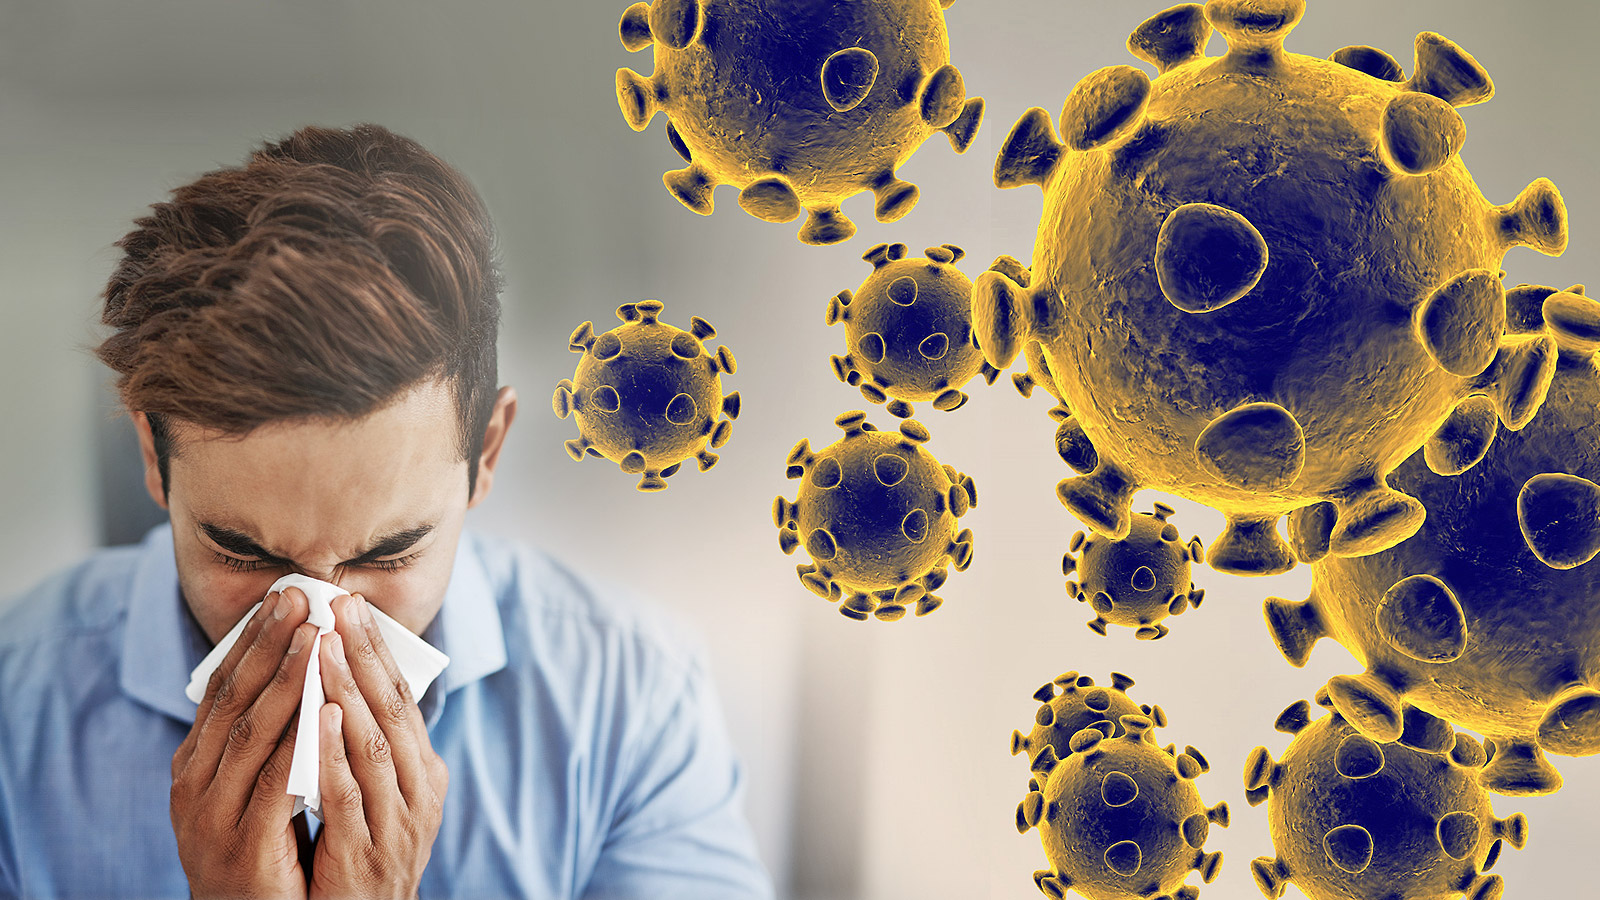 Maatregelen-in-verband-met-corona-virus